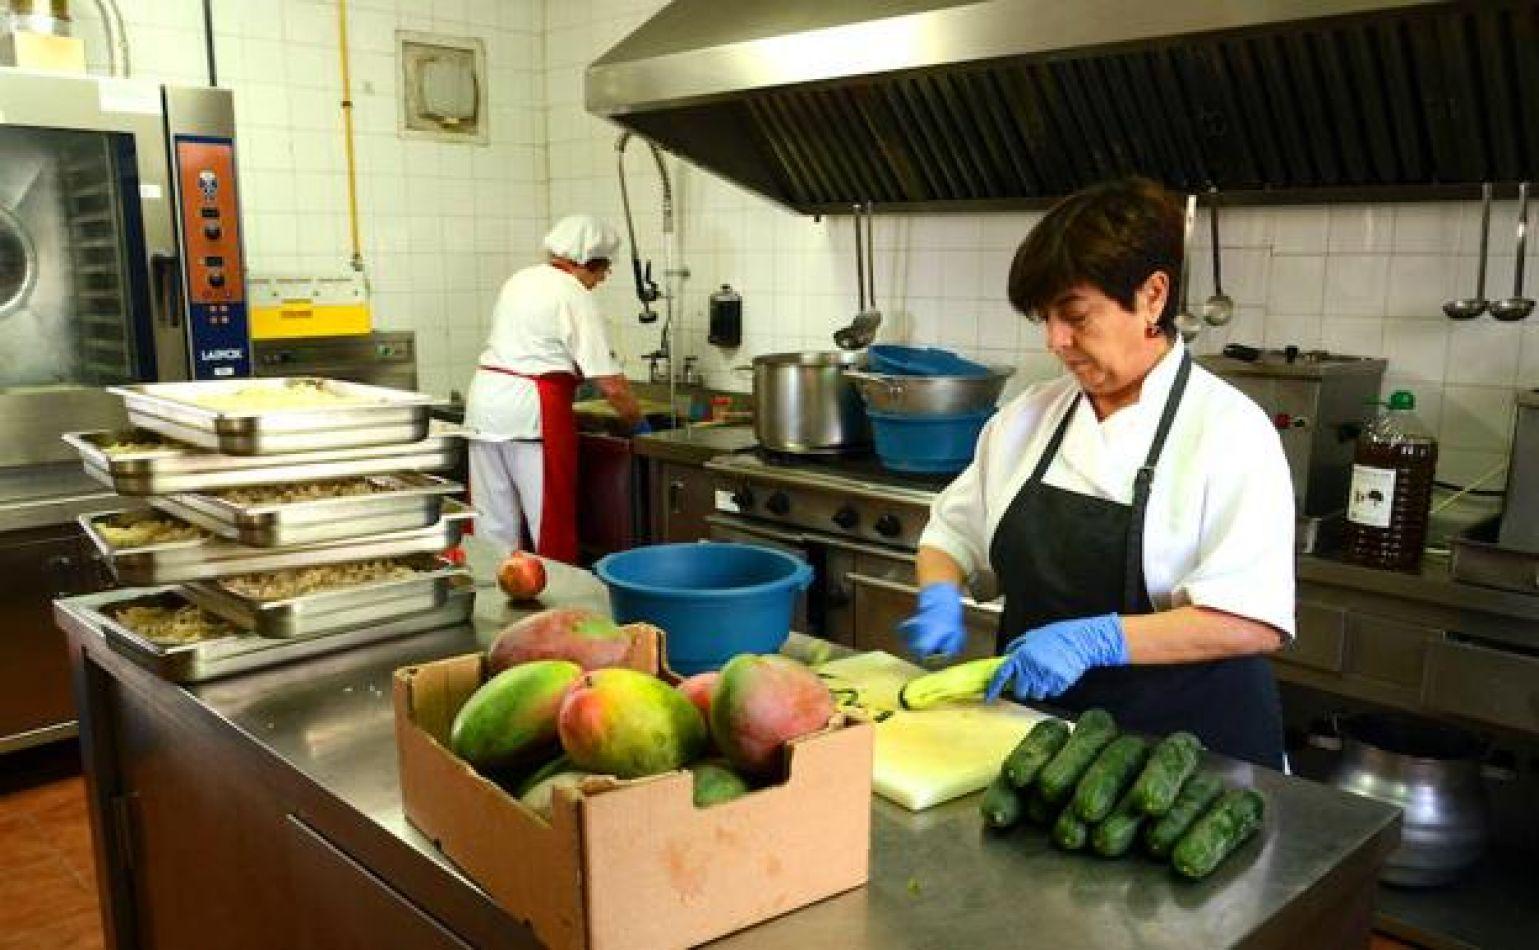 94 millones de pesos de inversión para garantizar la prestación del servicio de desayuno y comedores de las escuelas.